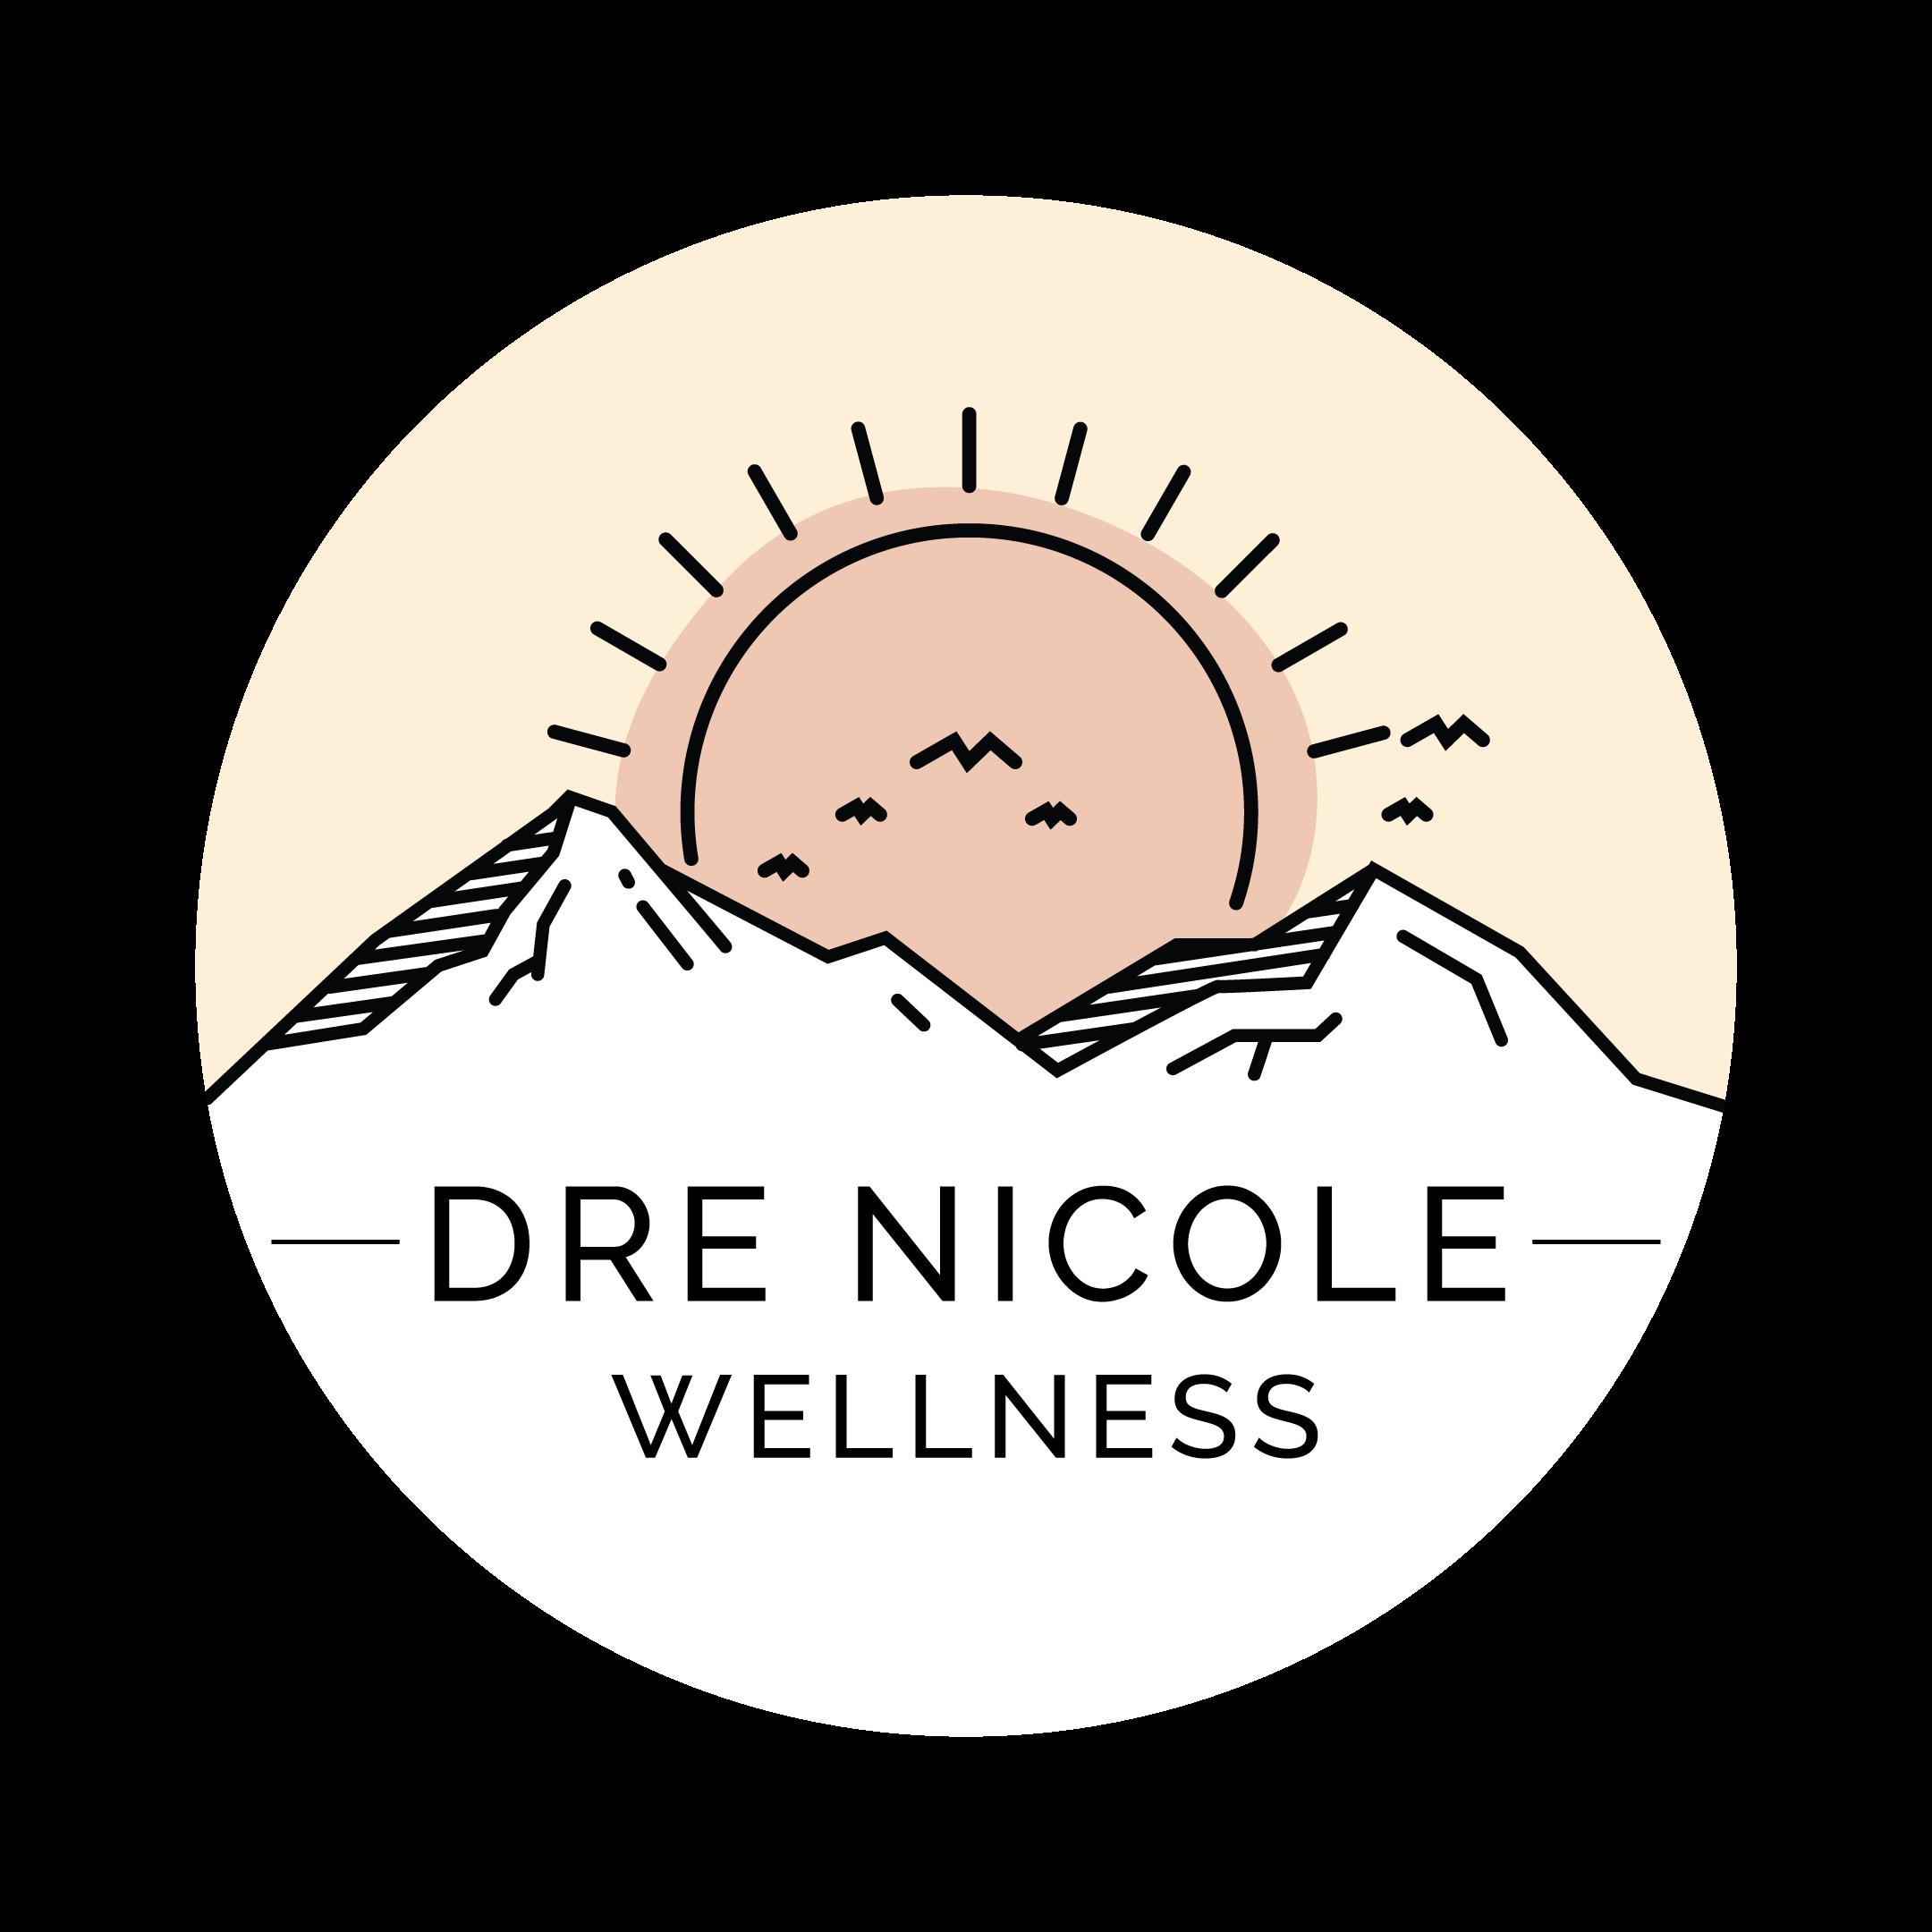 Dre Nicole Wellness